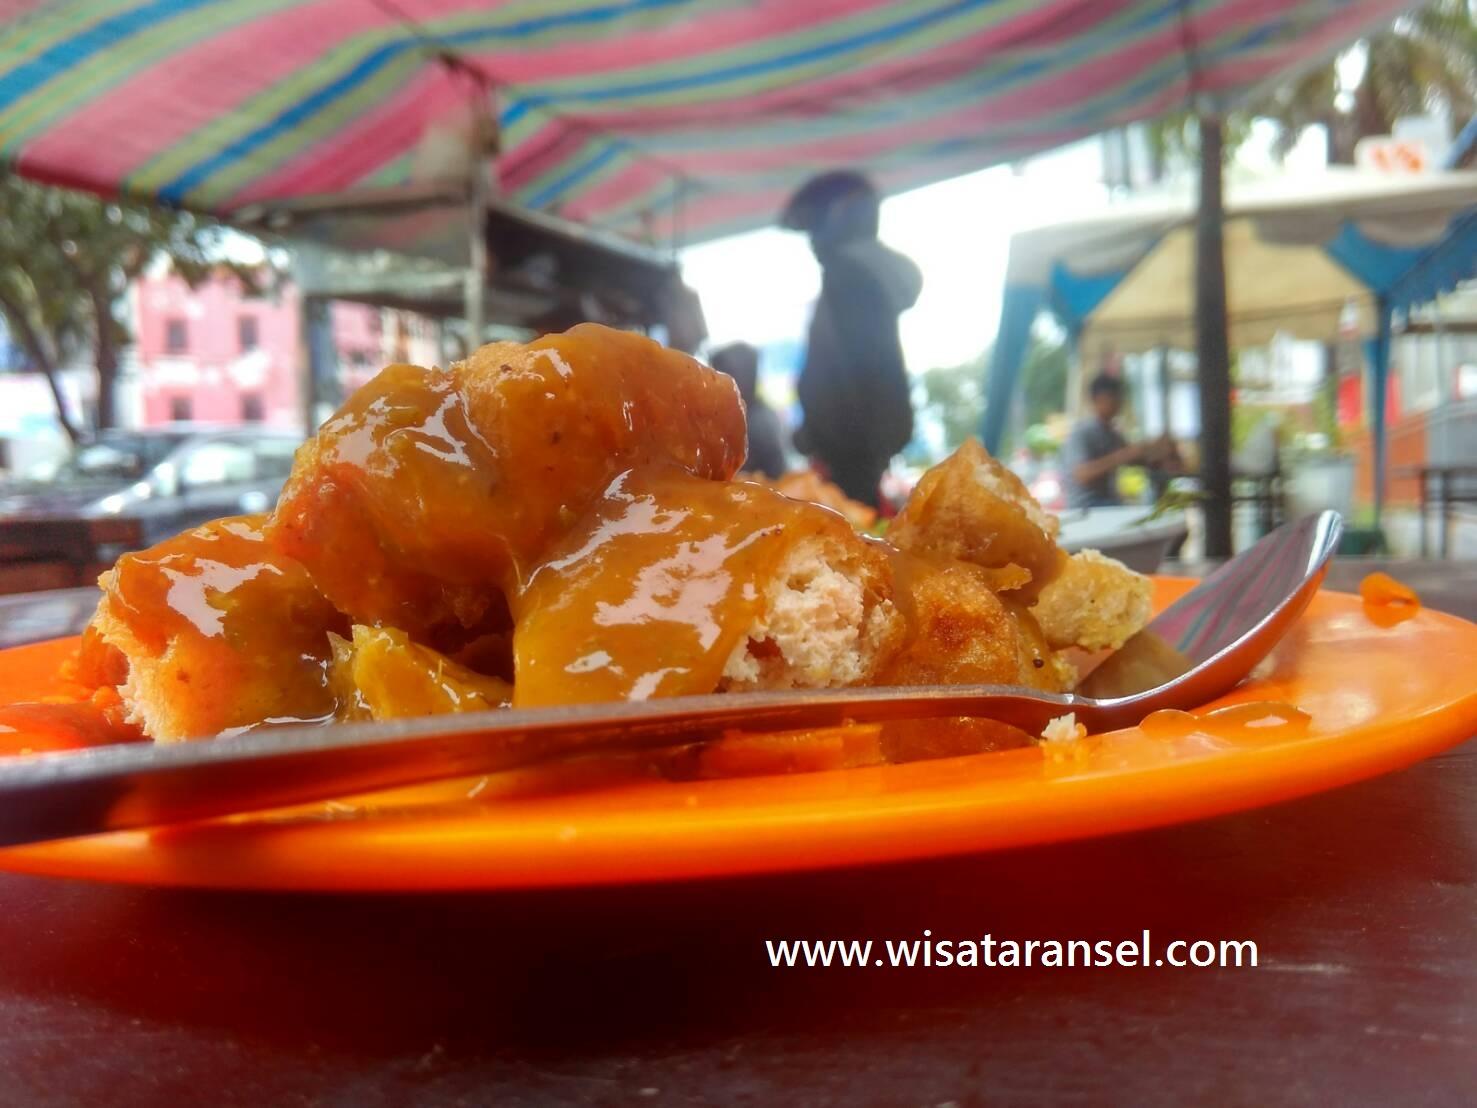 Sensasi Rasa Enak Tahu Isi Jaipong Salah Satu Kuliner Medan, kuliner medan, medan, jajanan medan, tahu  isi jaipong medan, makanan enak medan, makanan halal medan,